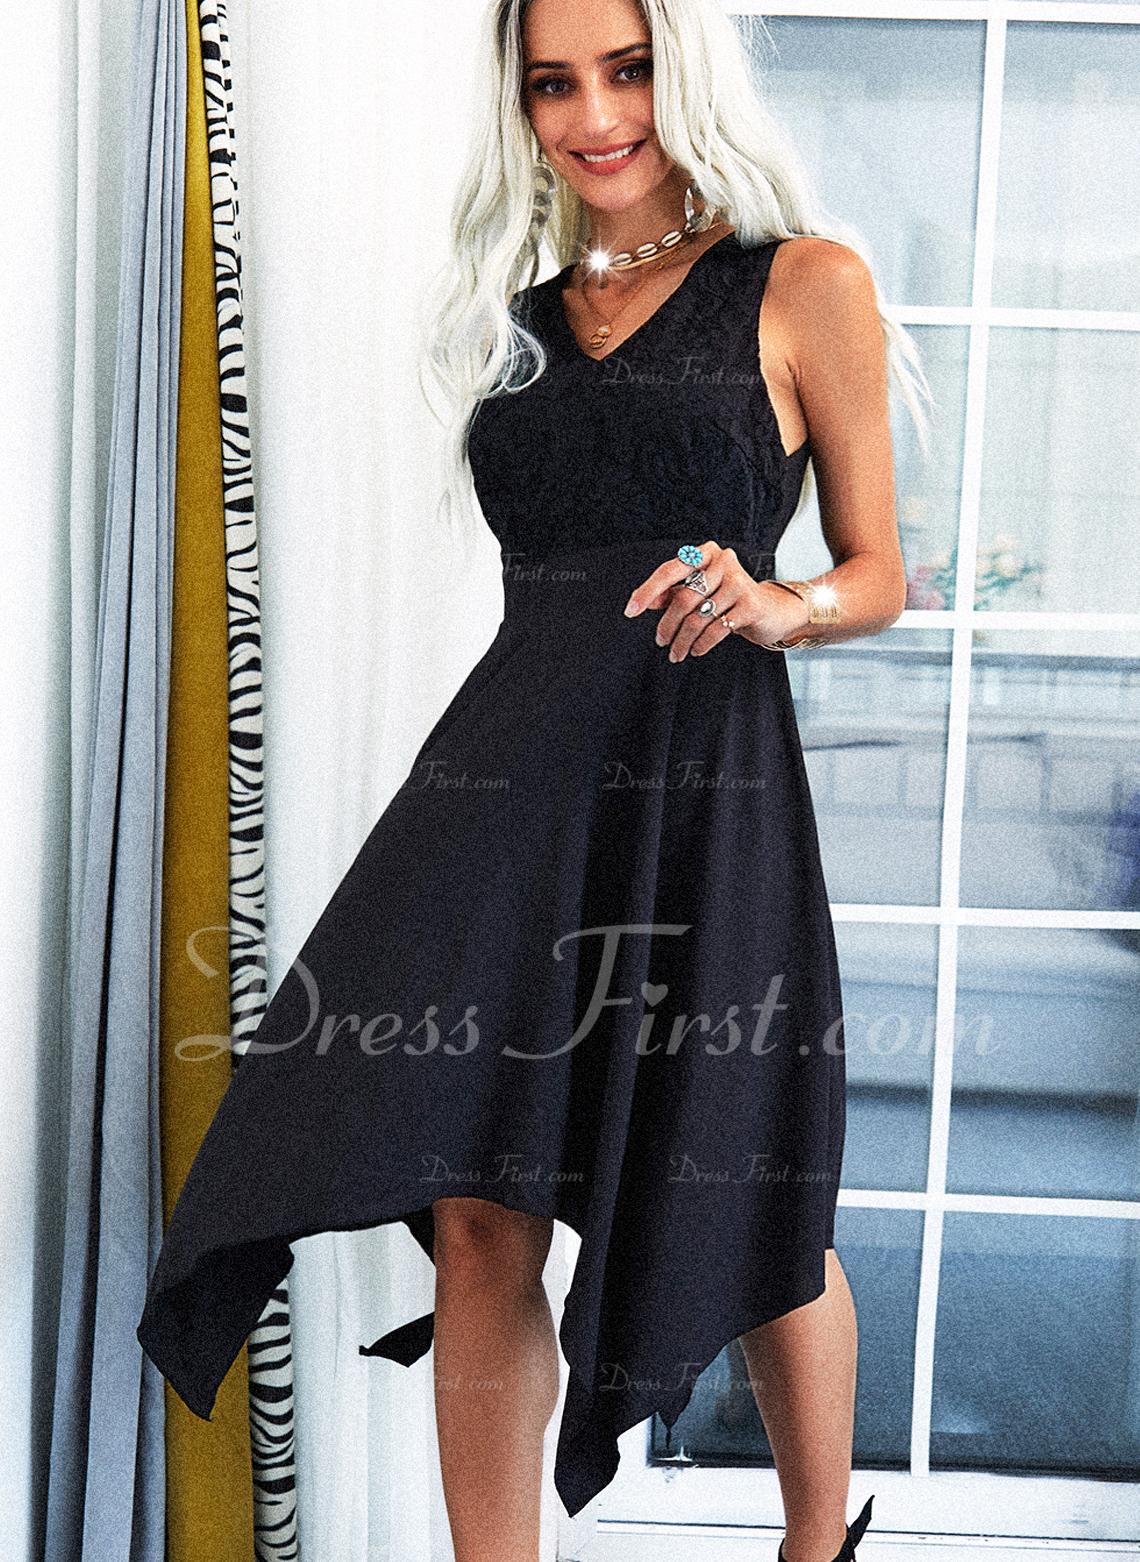 Jednolity Sukienka Trapezowa Bez Rękawów Asymetryczny Mała czarna Elegancki Łyżwiaż Modne Suknie